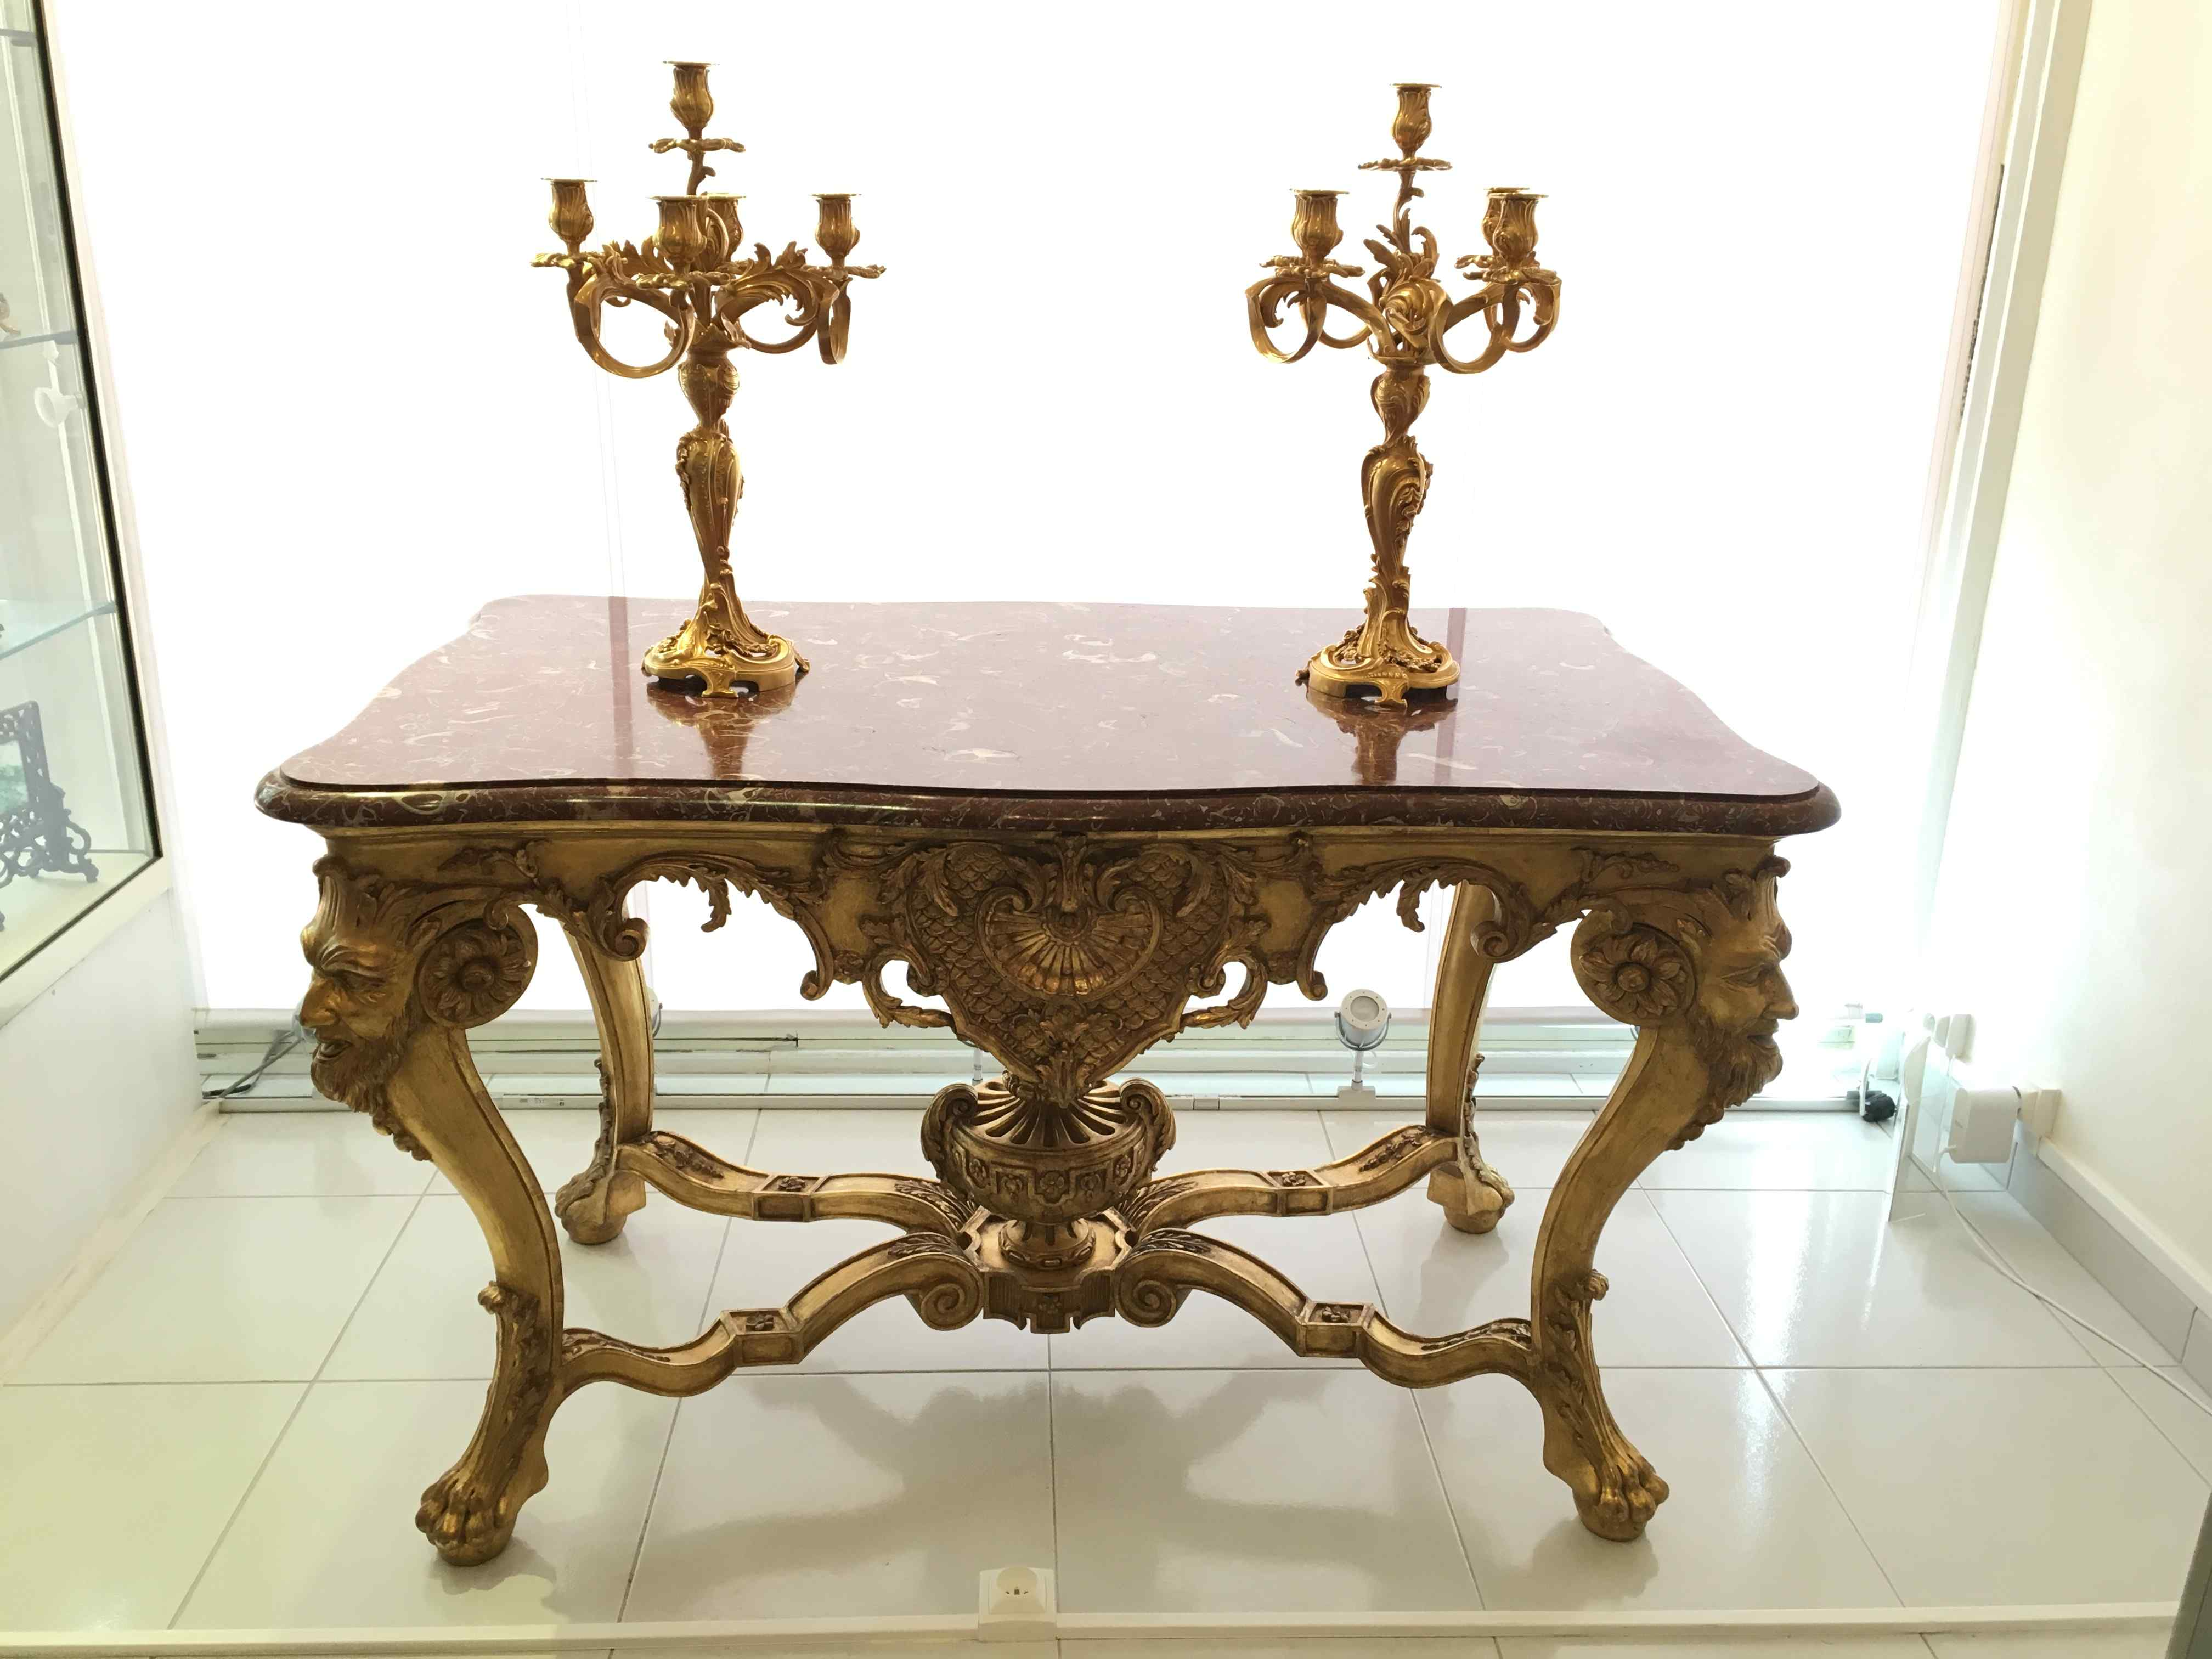 Table de milieu en bois doré du XIXe siècle